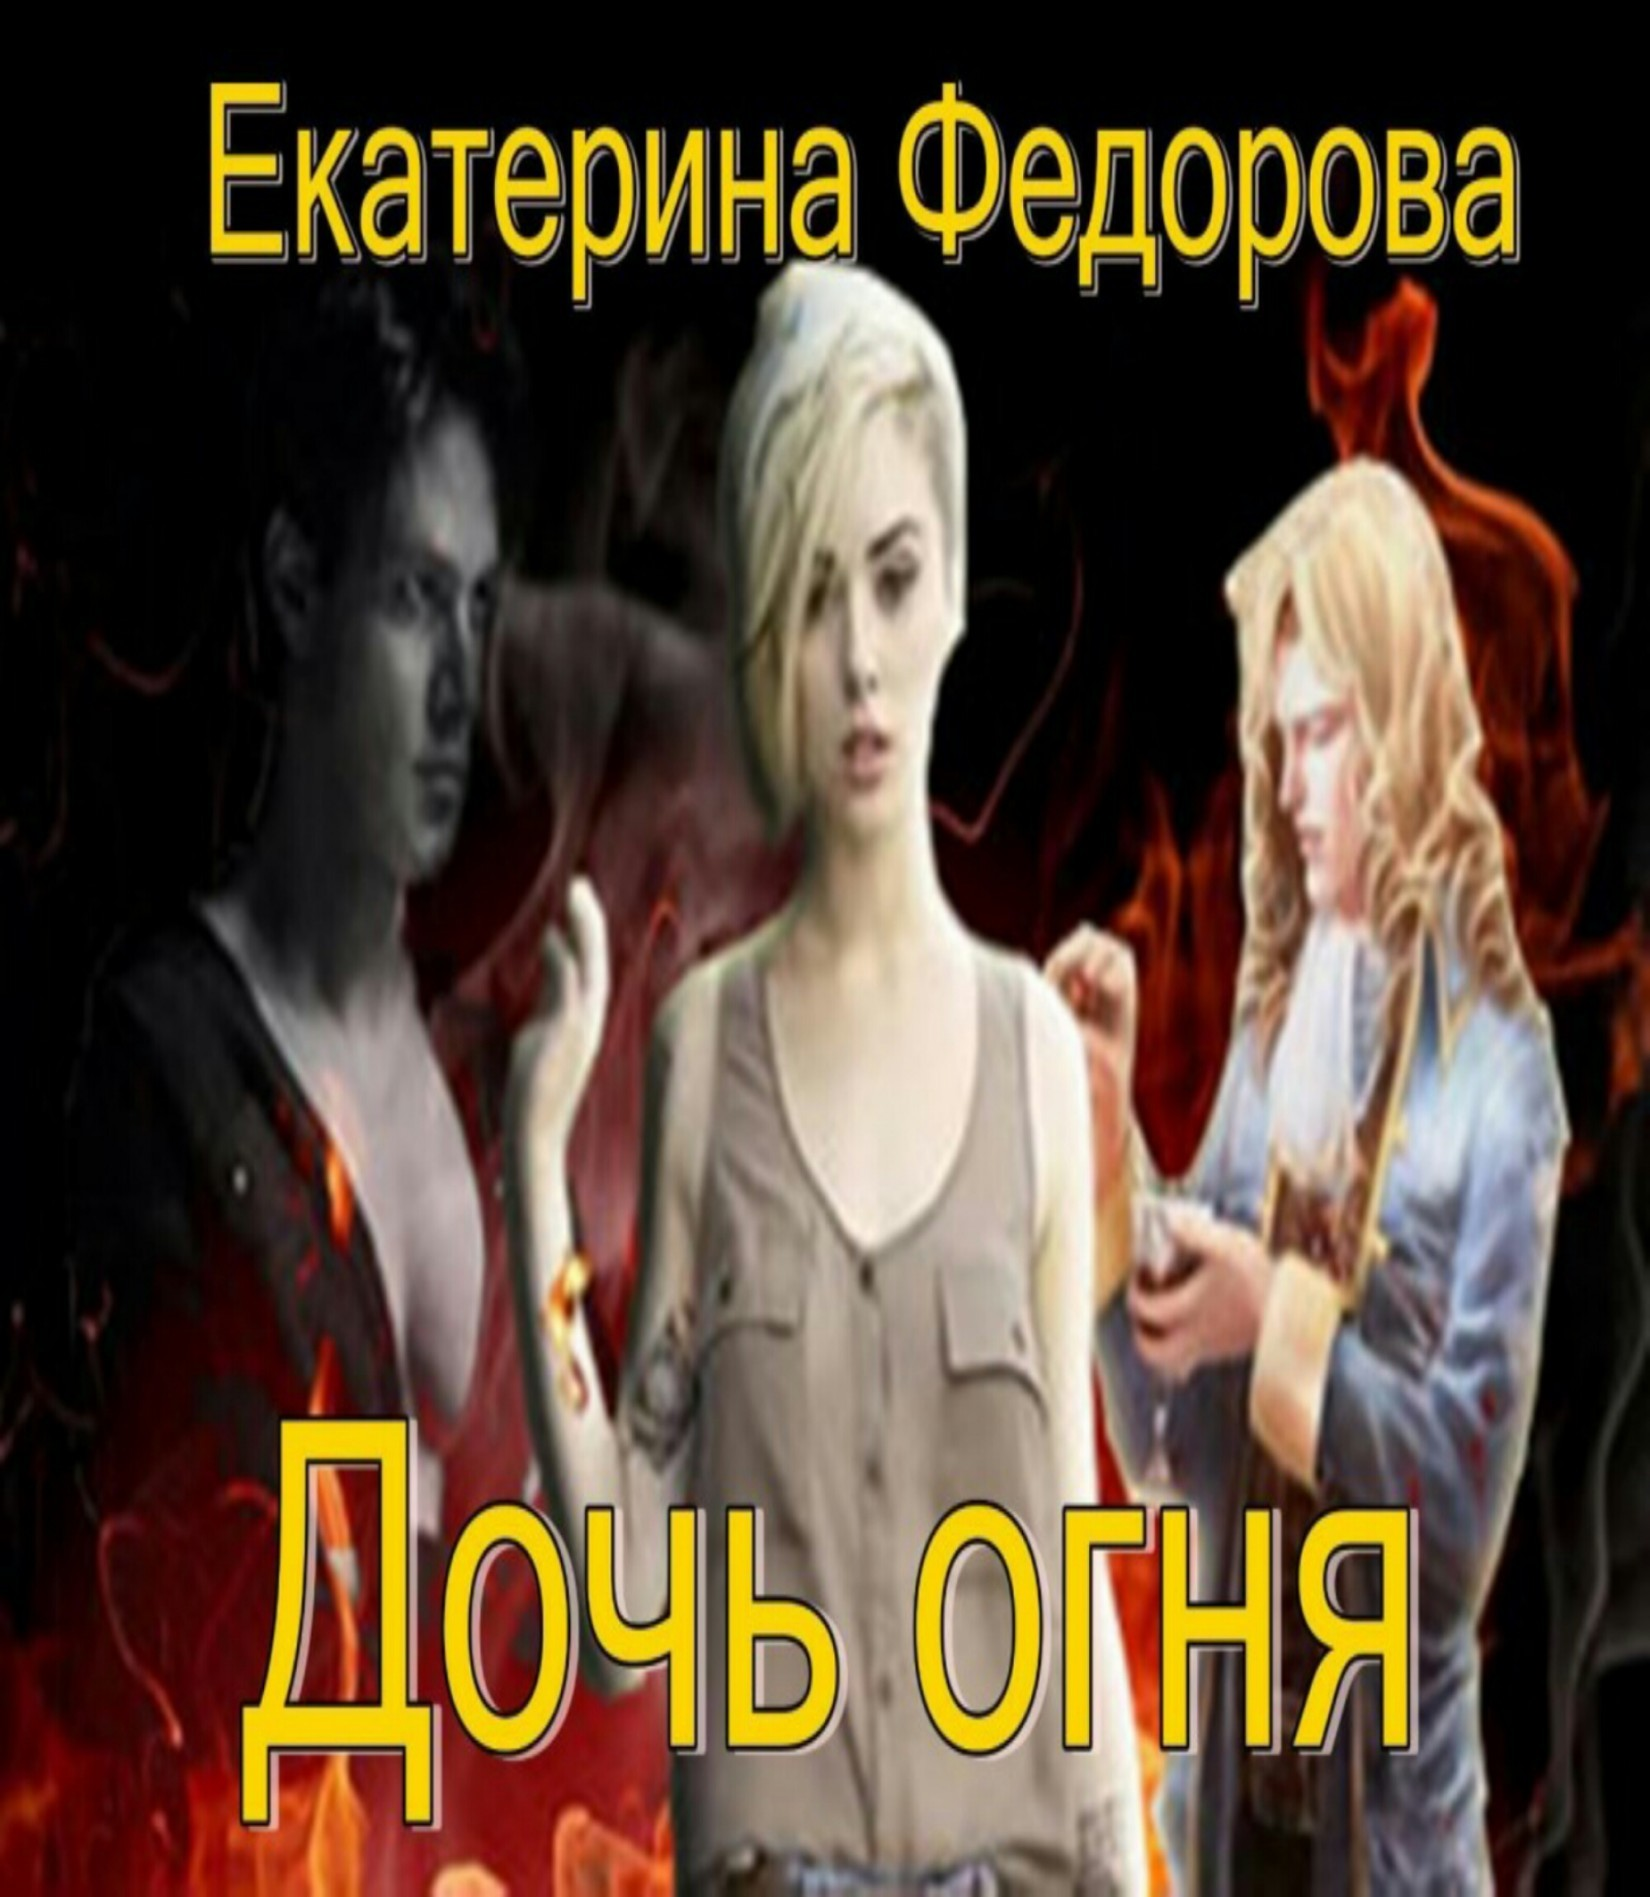 Екатерина Федорова - Дочь огня